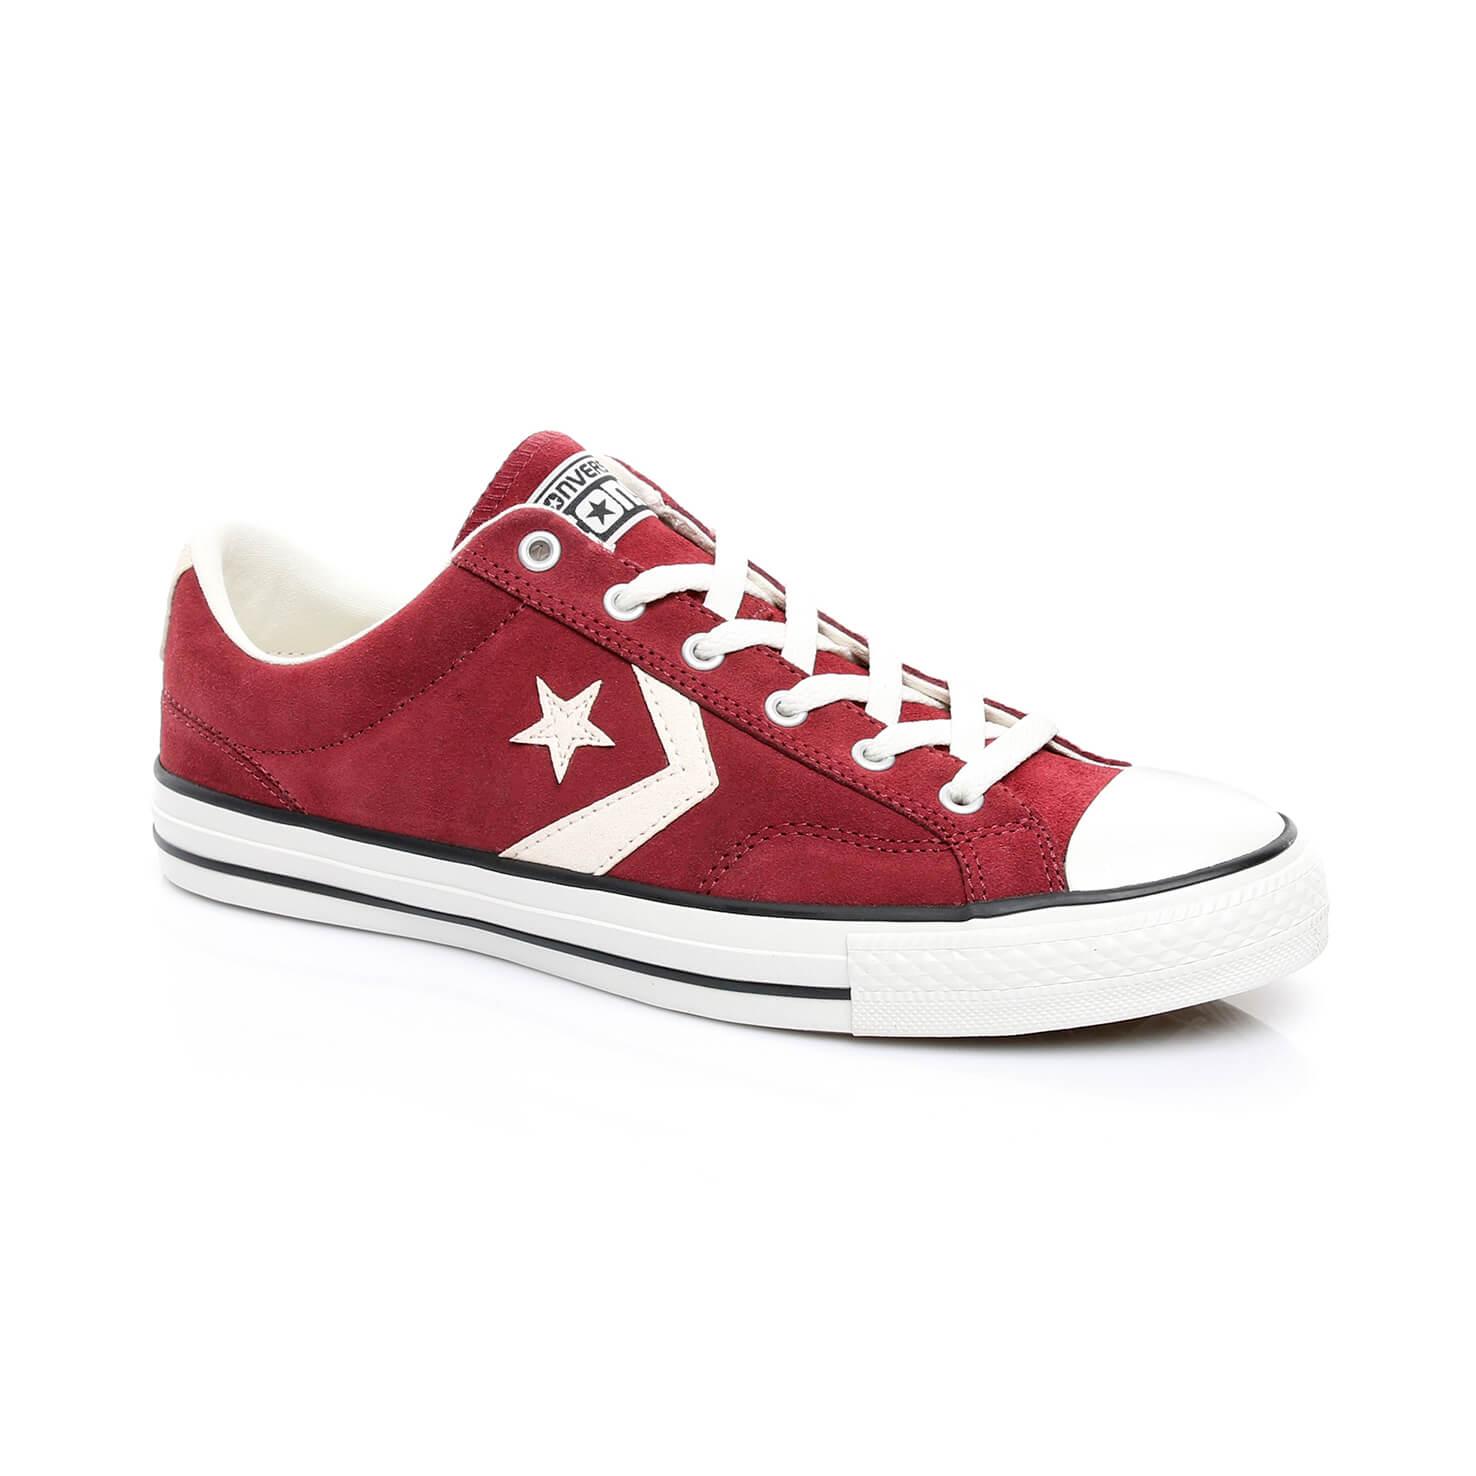 46935f510d Converse Star Player Unisex Bordo Sneaker Kadin Spor Ayakkabı ...